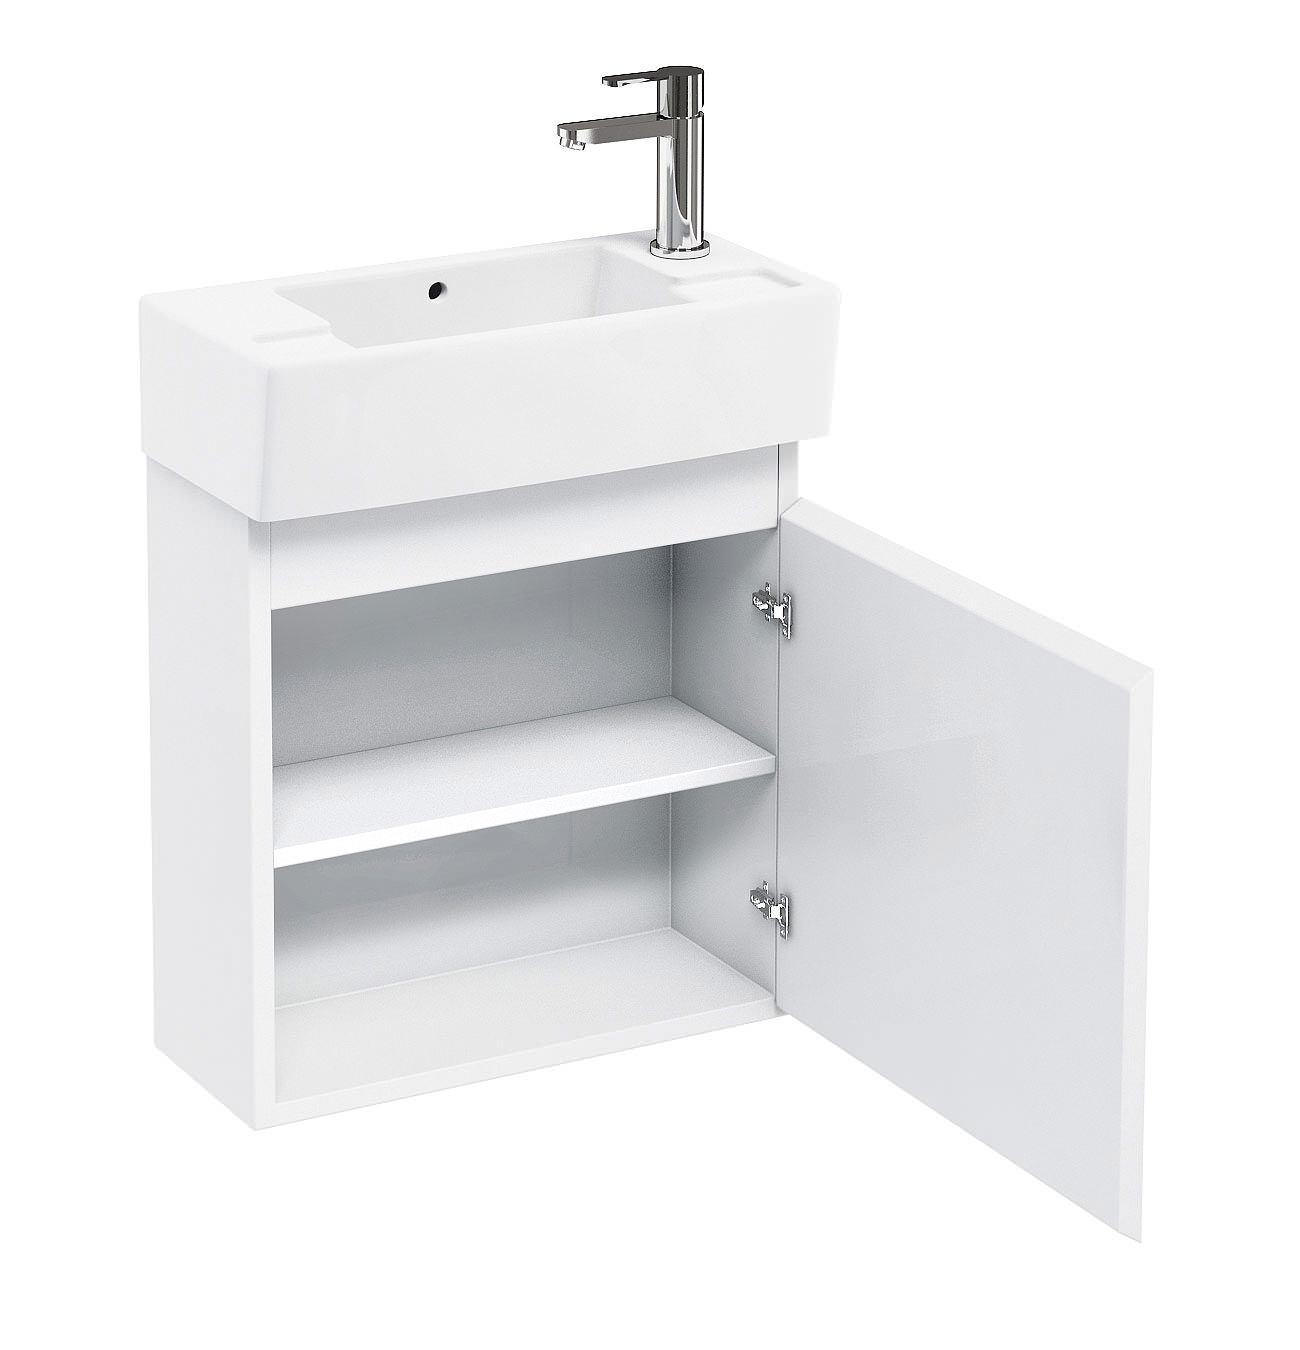 Britton aqua cabinets narrow wall hung unit with rh washbasin for Narrow bathroom unit